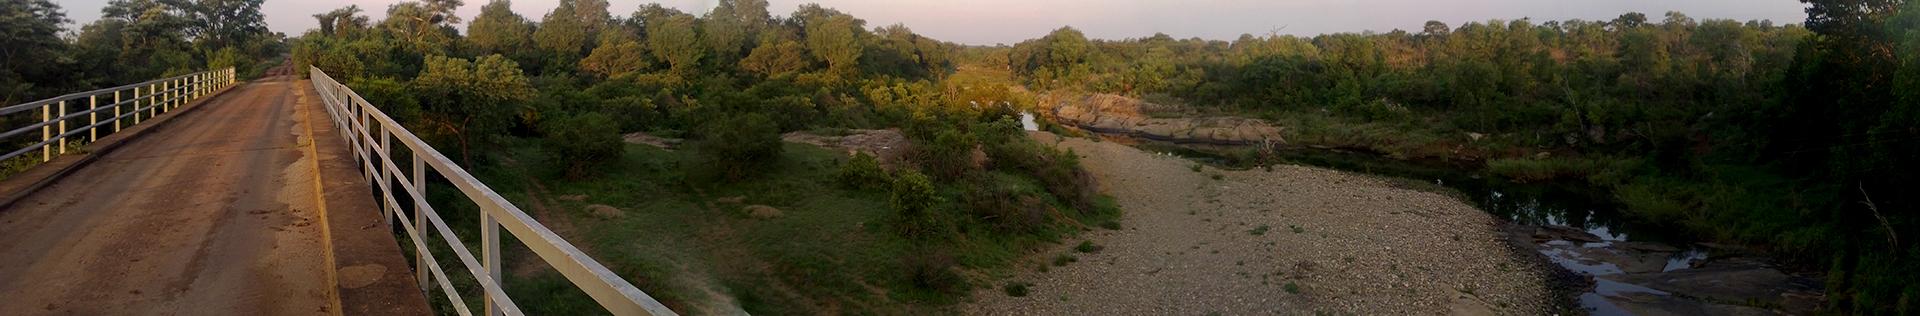 Panorama op de Selati-brug